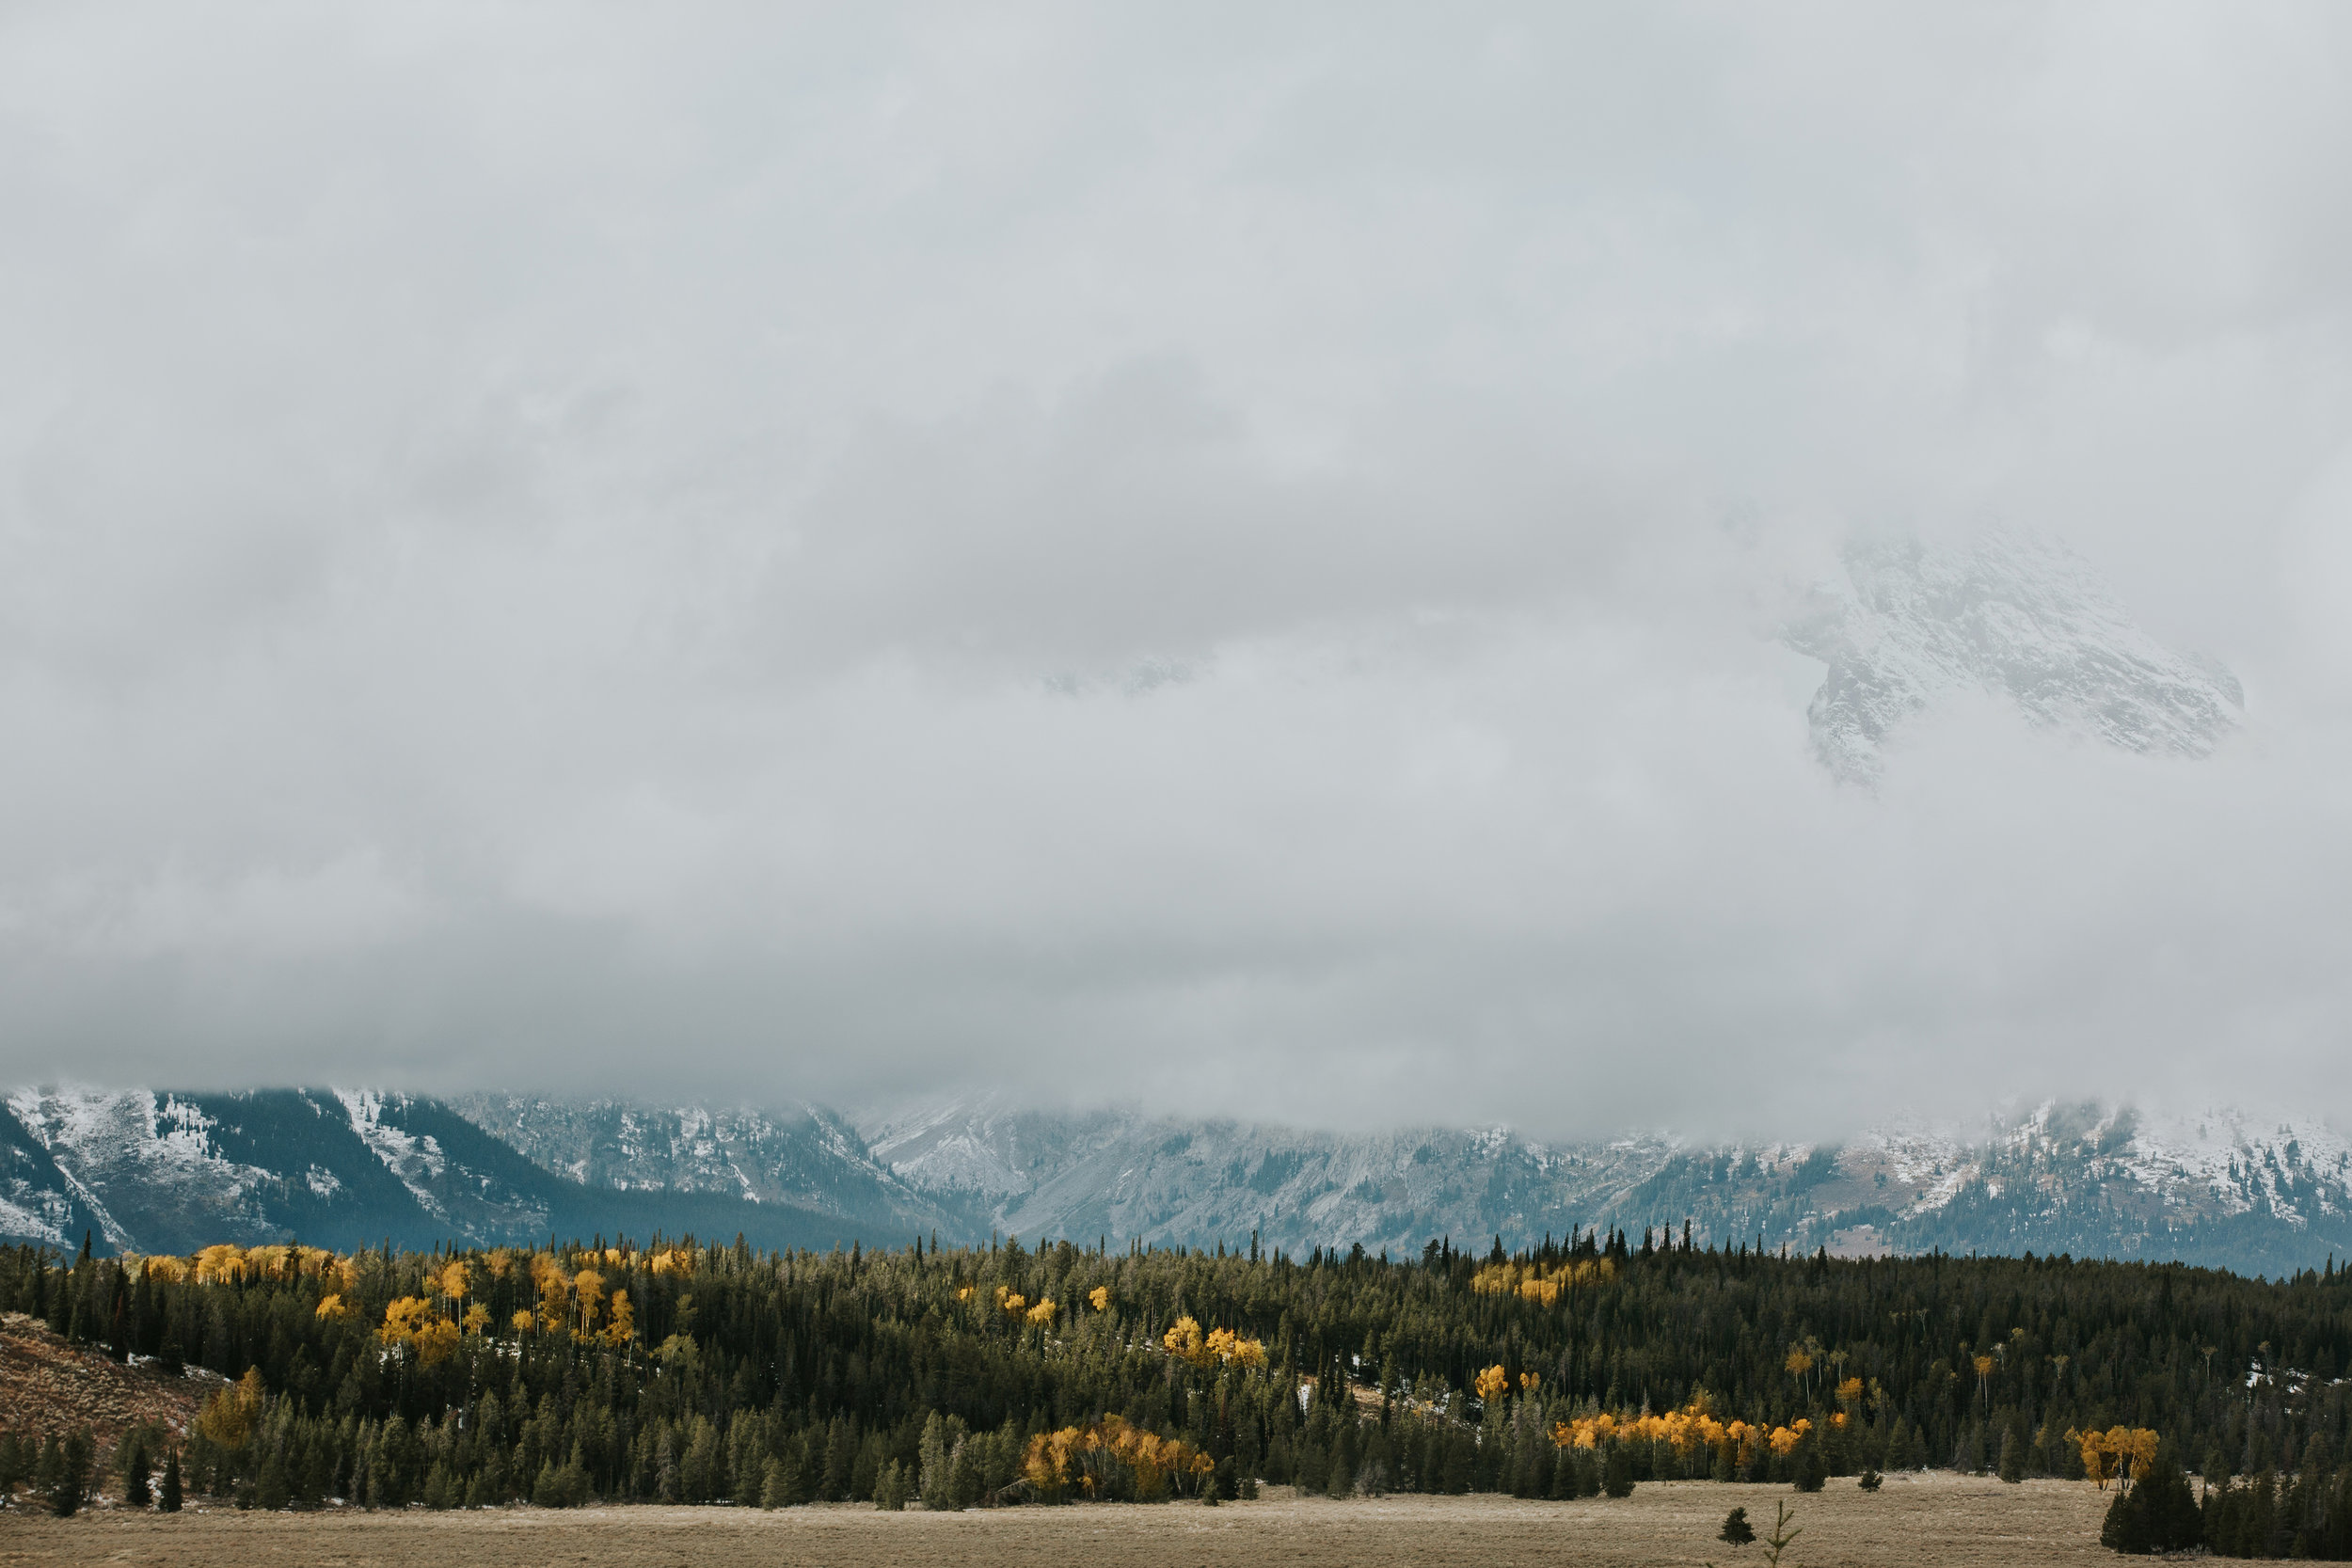 CindyGiovagnoli_Grand_Teton_National_Park_mountains_Bison_Autumn_Wyoming_Mormon_Row_aspens_fall_outdoor_photographer-022.jpg